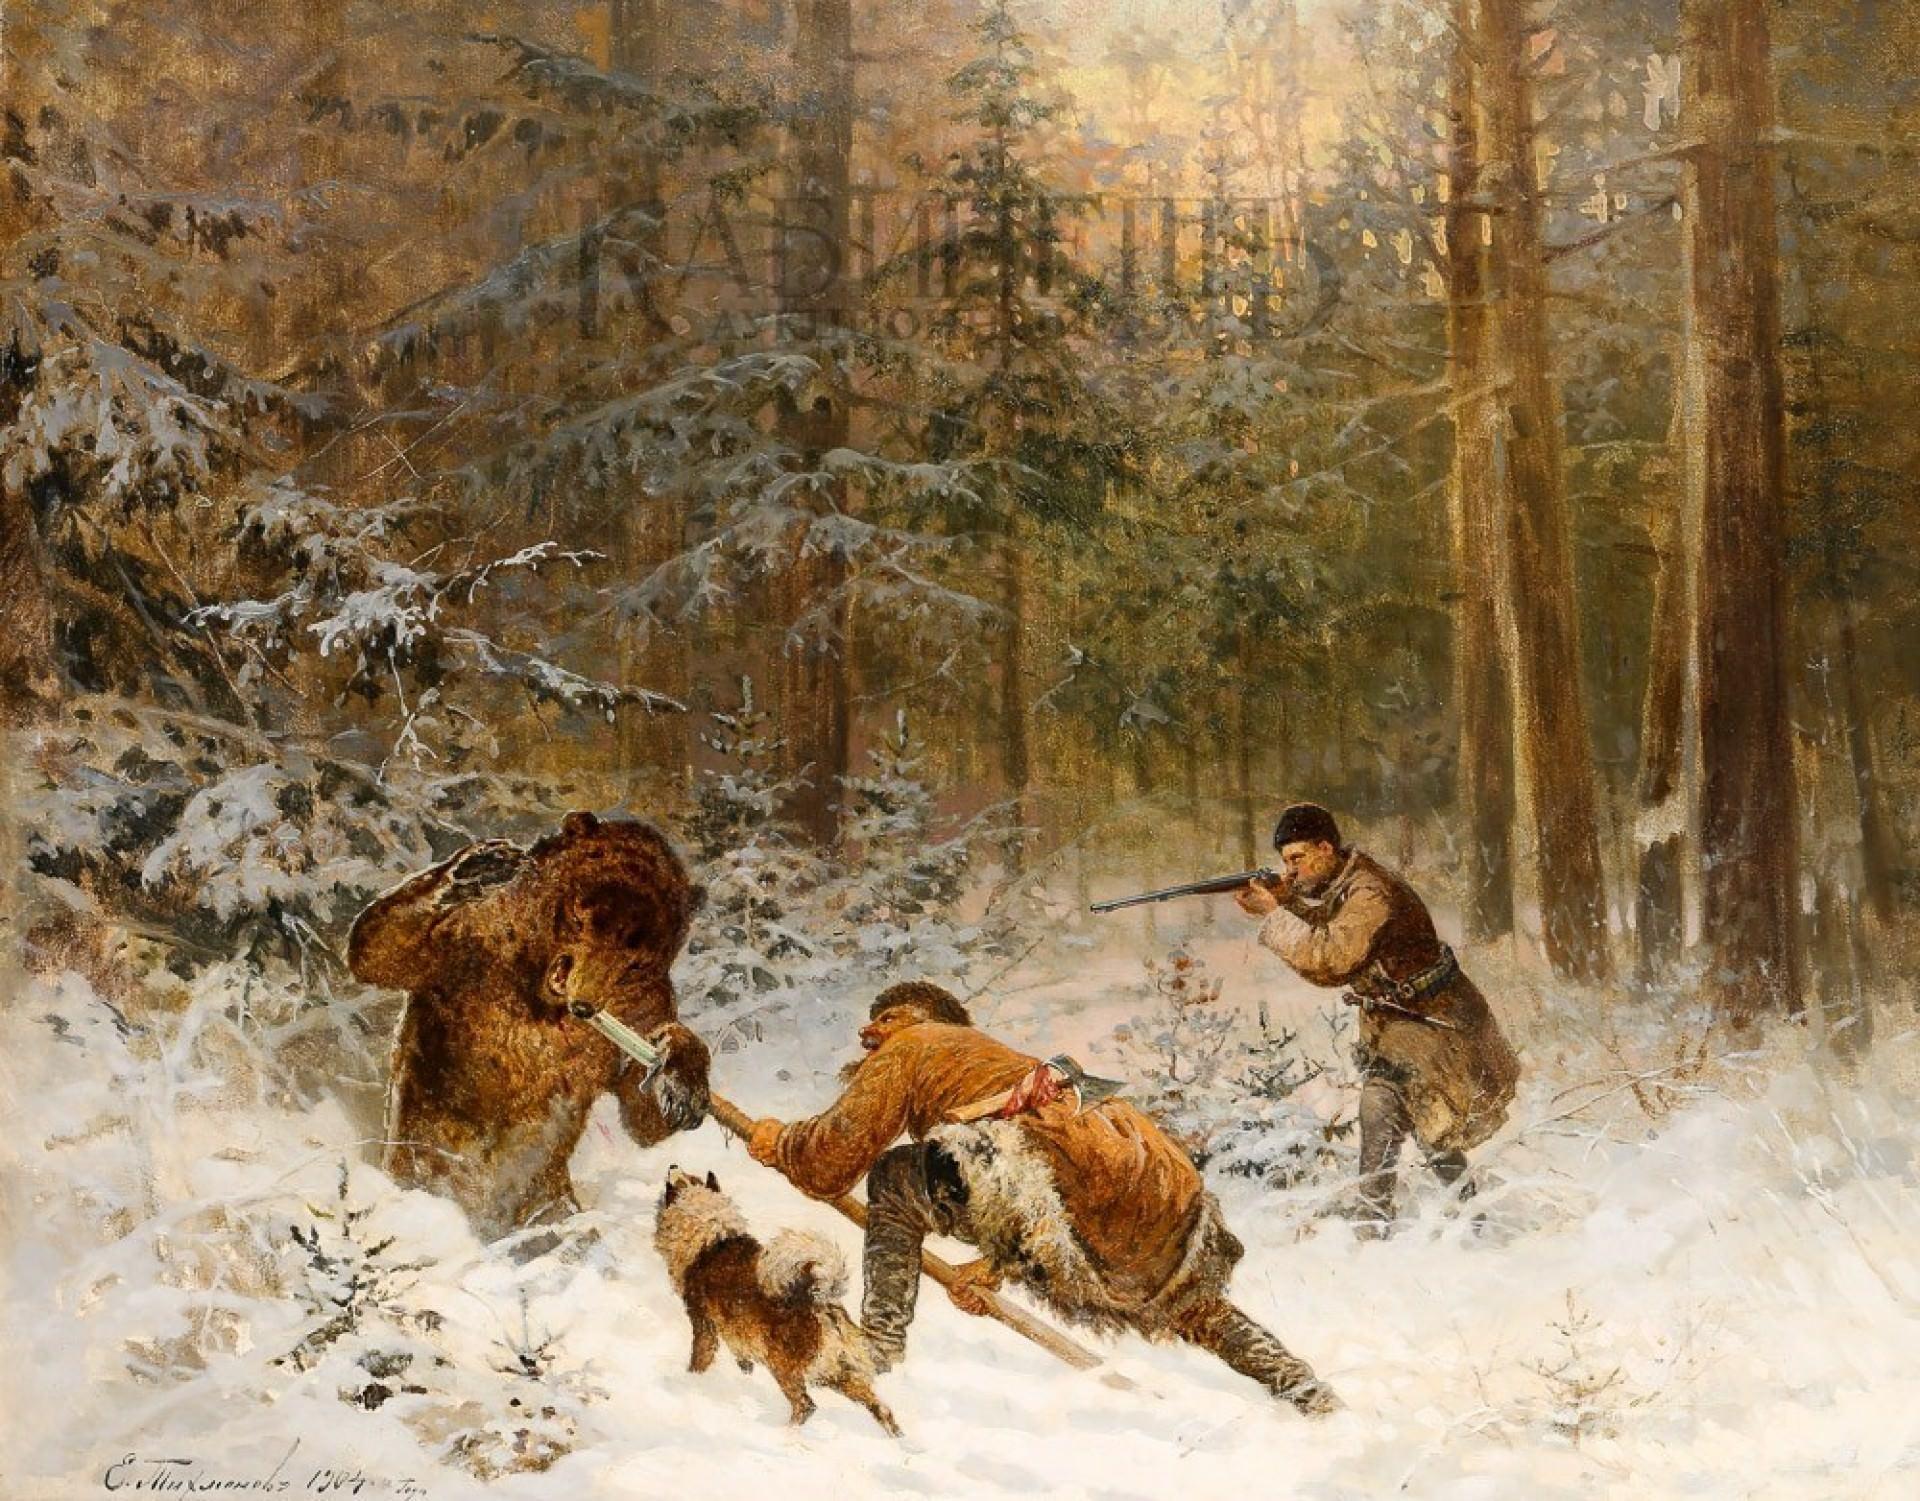 (圖片來自:http://www.kabinet-auktion.com/auction/art25/24)